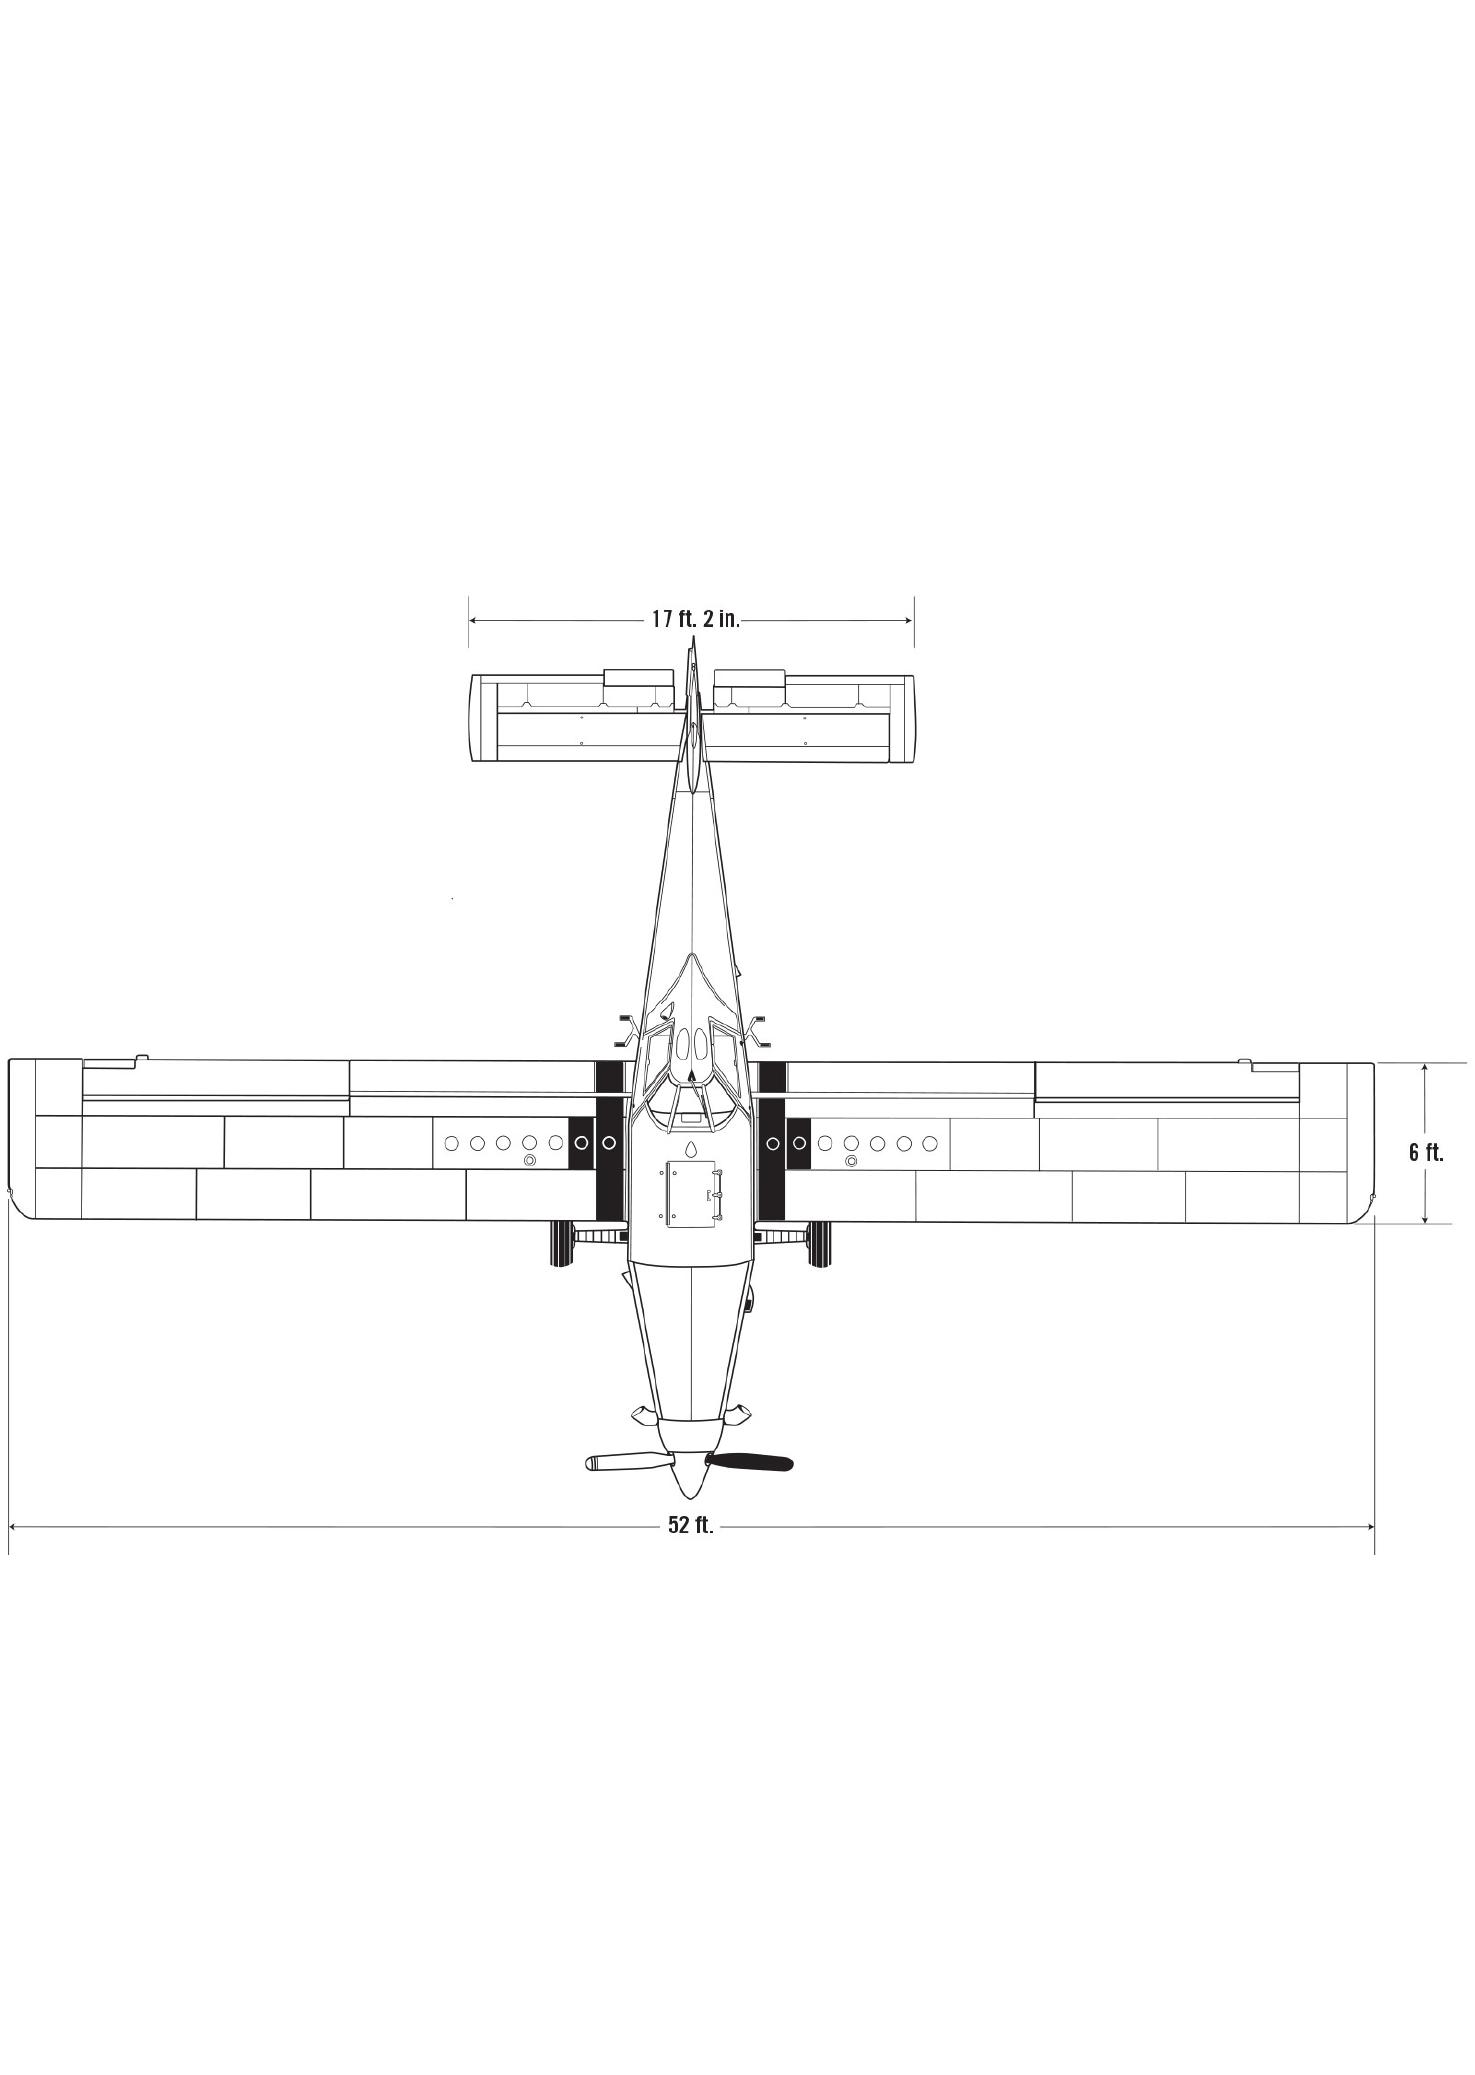 AT-502B - Air Tractor-2.png